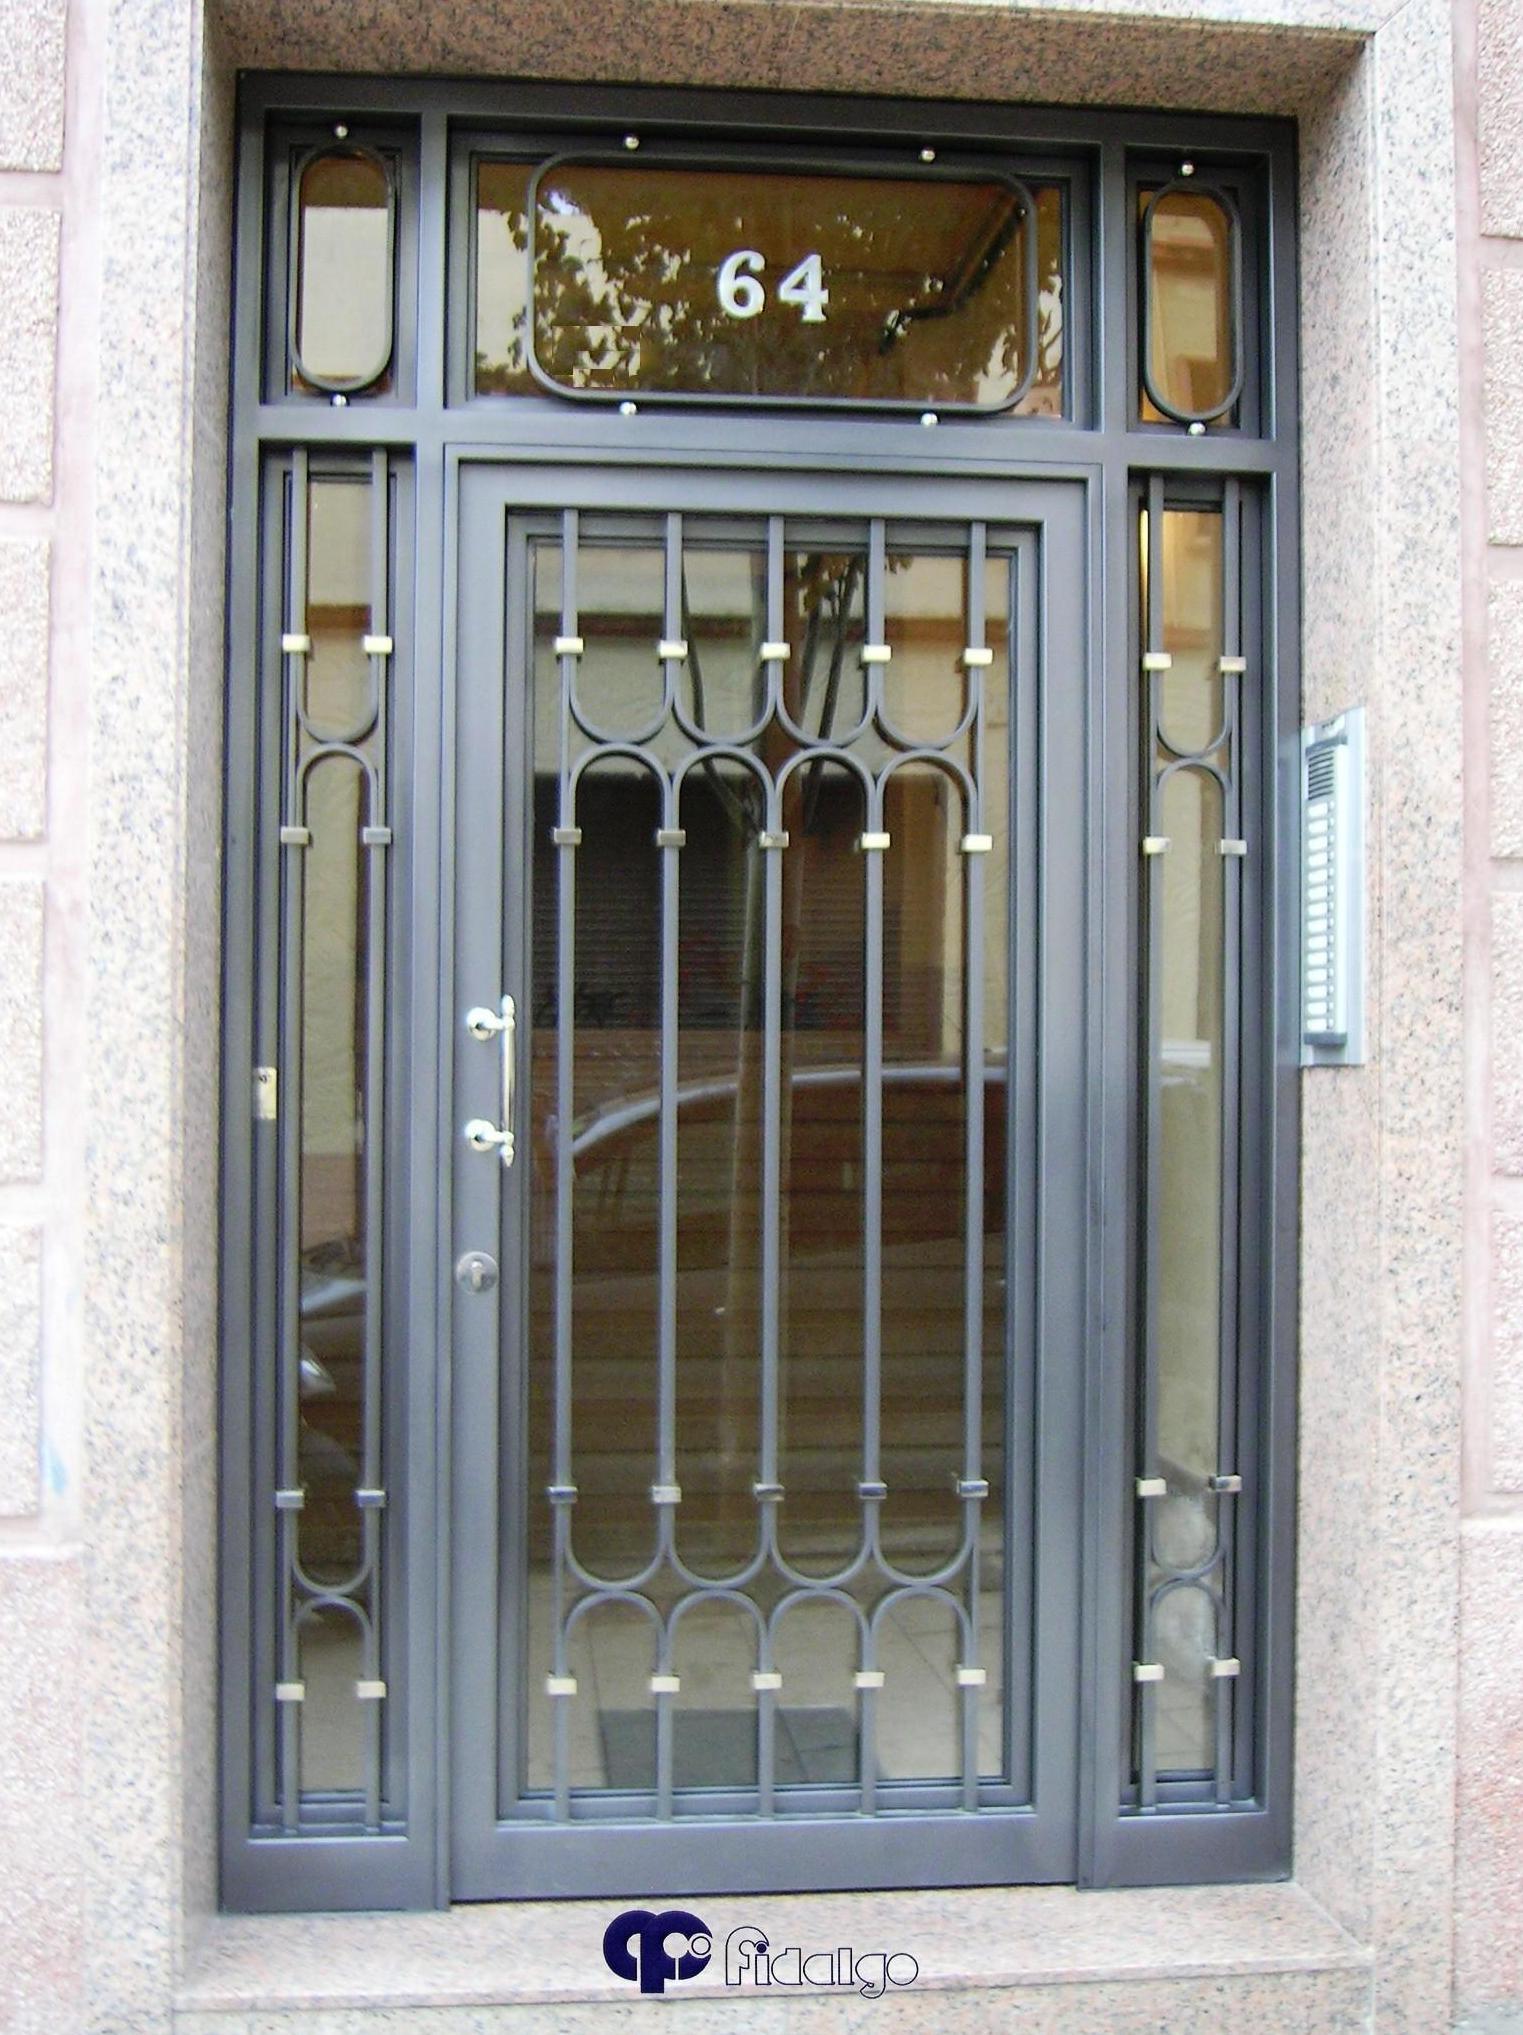 Foto 10 de cierres y puertas met licas en barcelona for Puertas corredizas metalicas